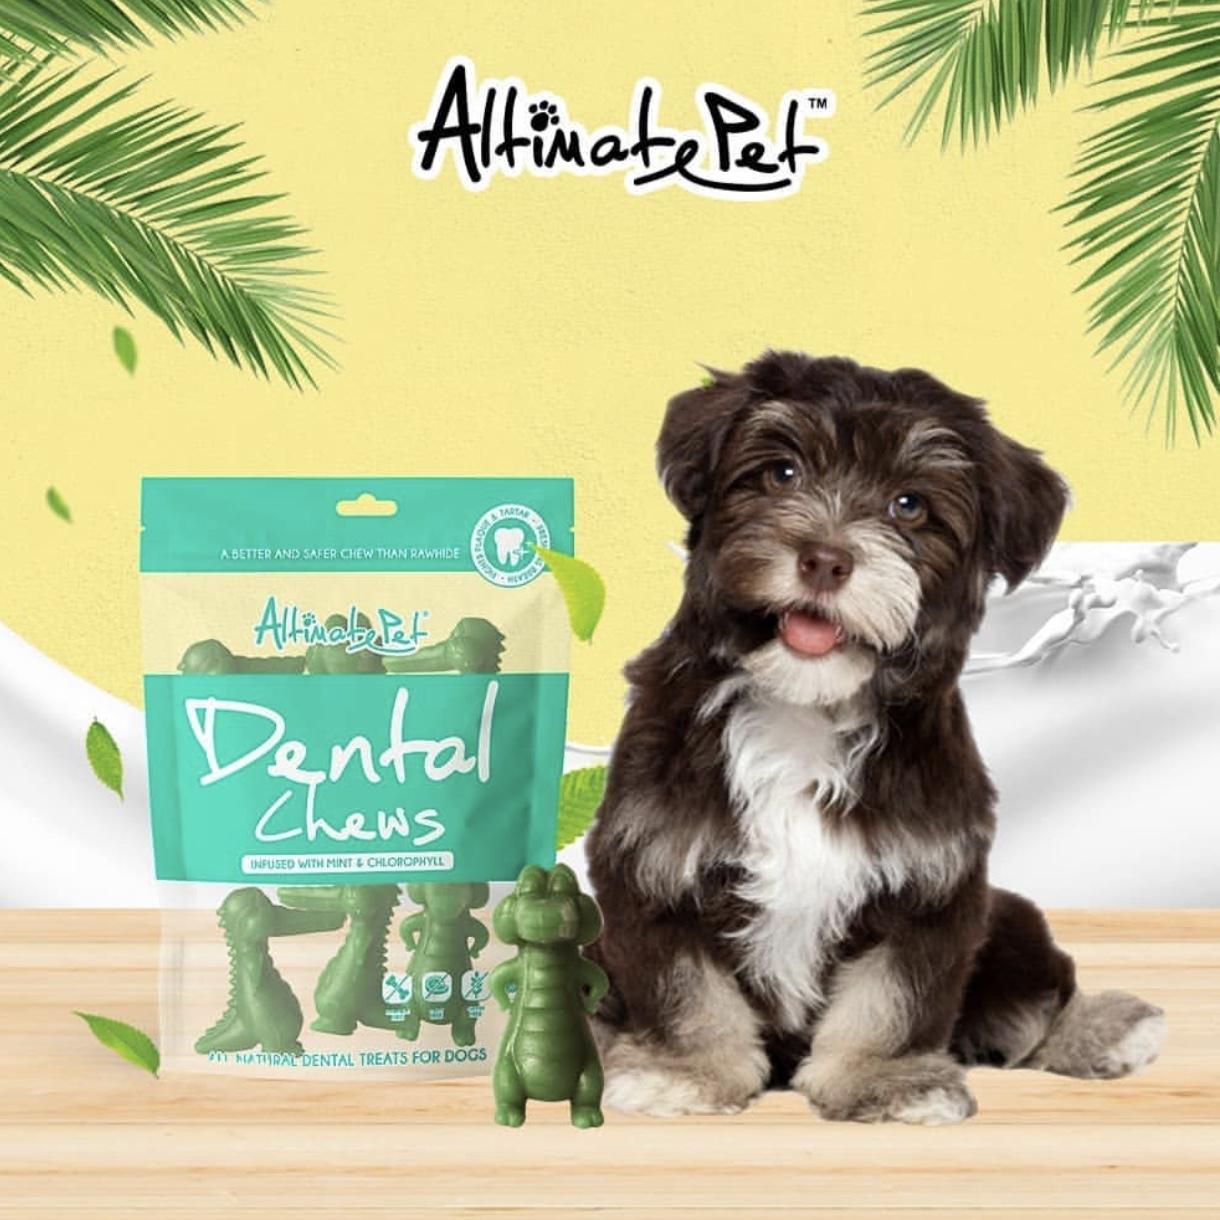 Xương Gặm Sạch Răng Altimate Pet Dental Chews Mint Bạc Hà [Hình Cá Sấu 6 Xương]